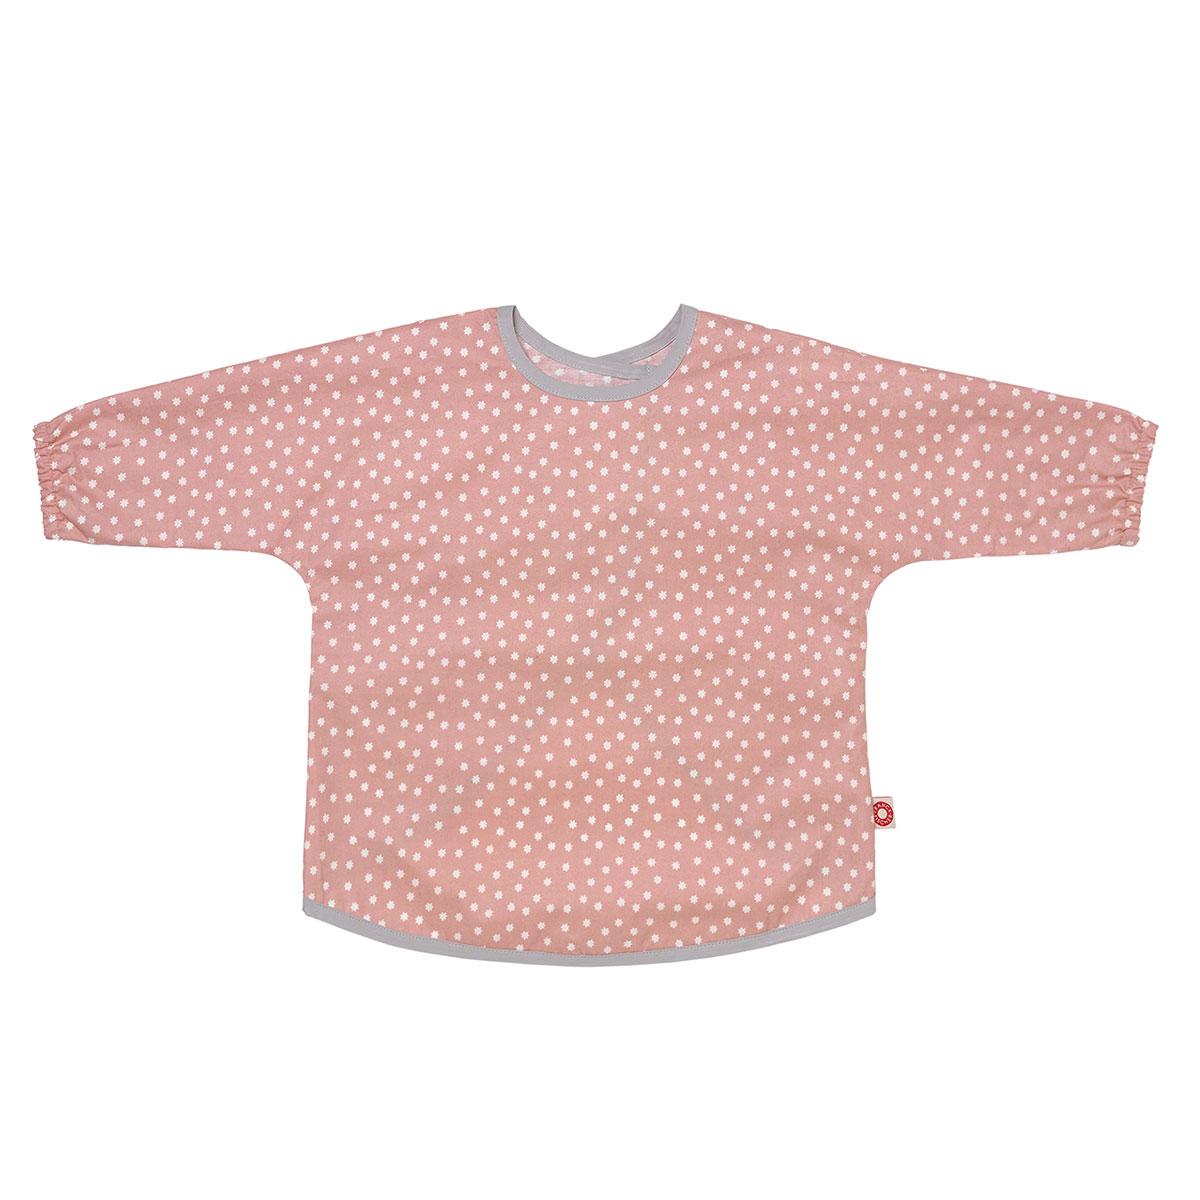 Image of   Franck & Fischer børneforklæde - Dirt Pink Apron - Rosa